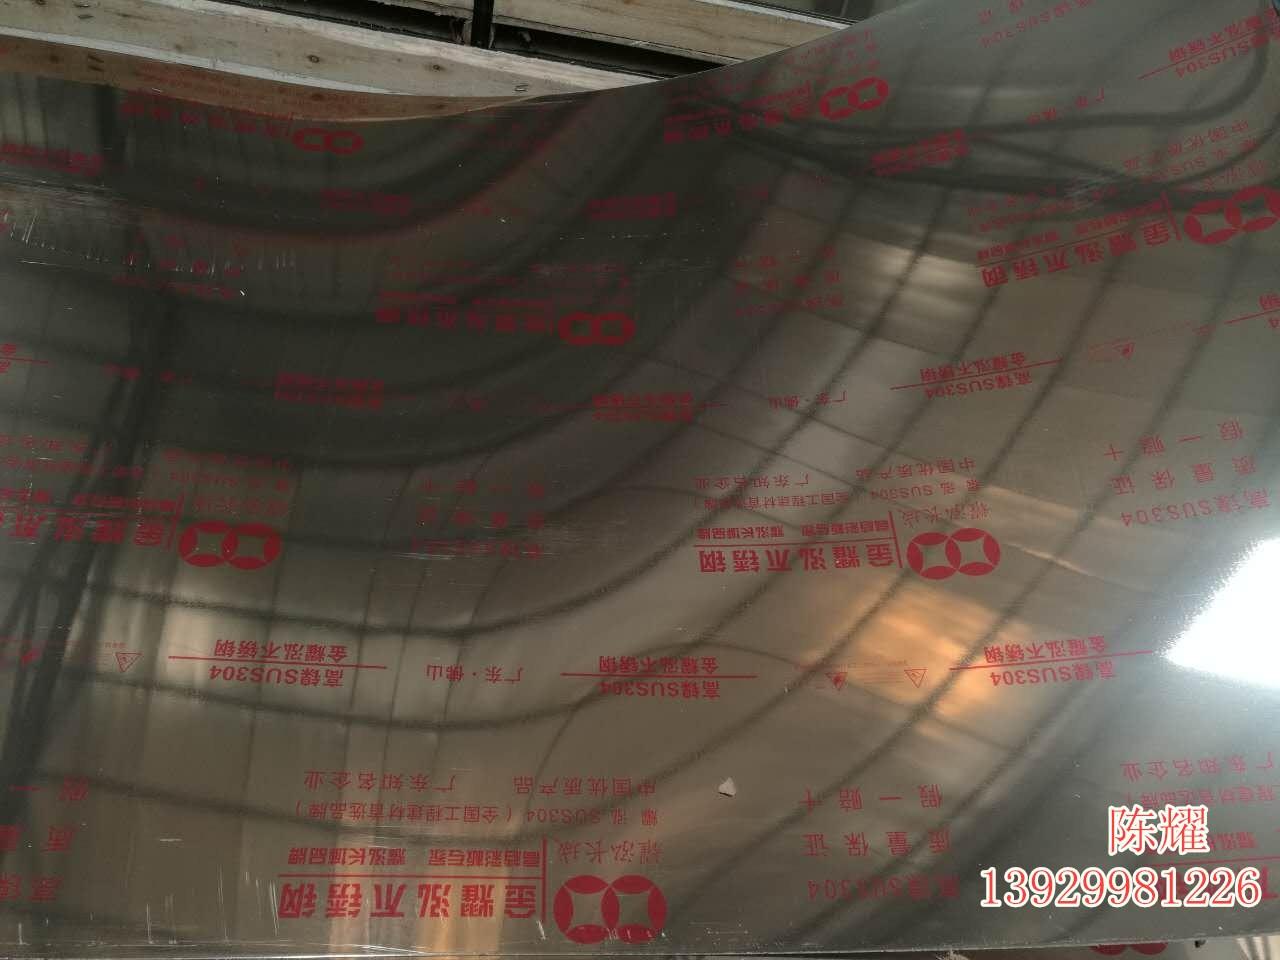 佛山不锈钢板厂家 佛山不锈钢板材价格 广东不锈钢板材厂家